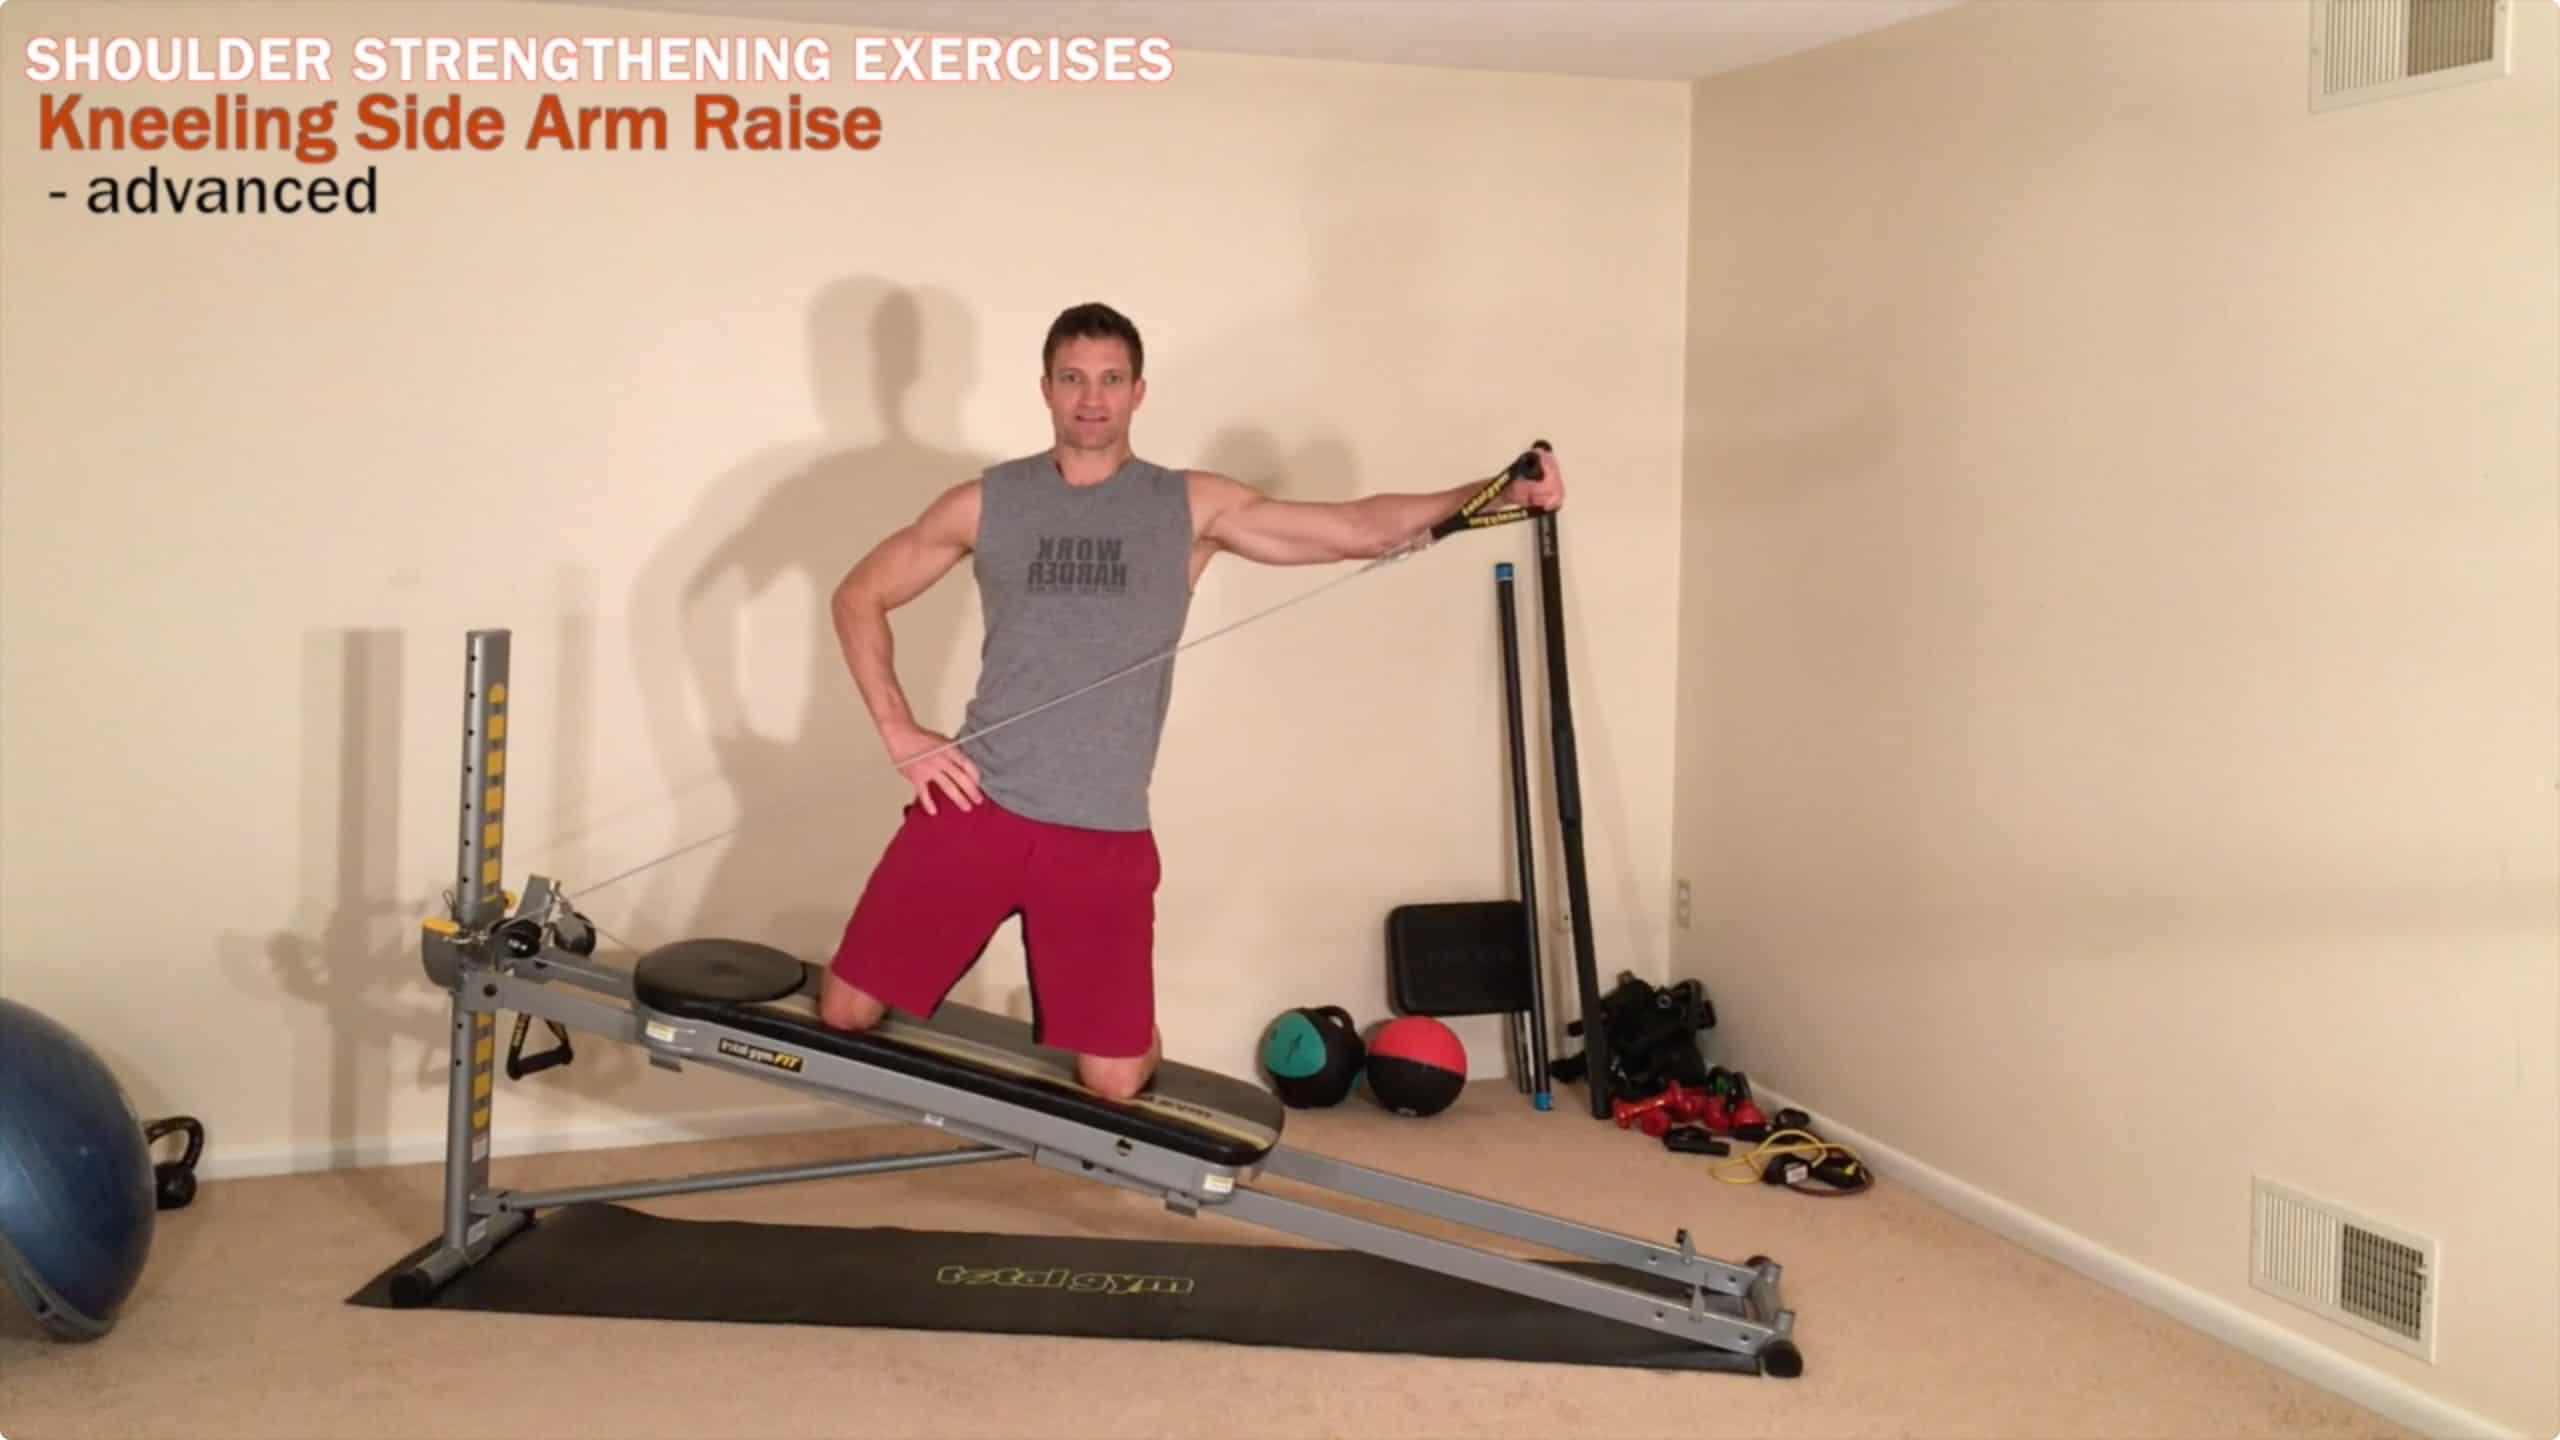 Shoulder Strengthening Exercises